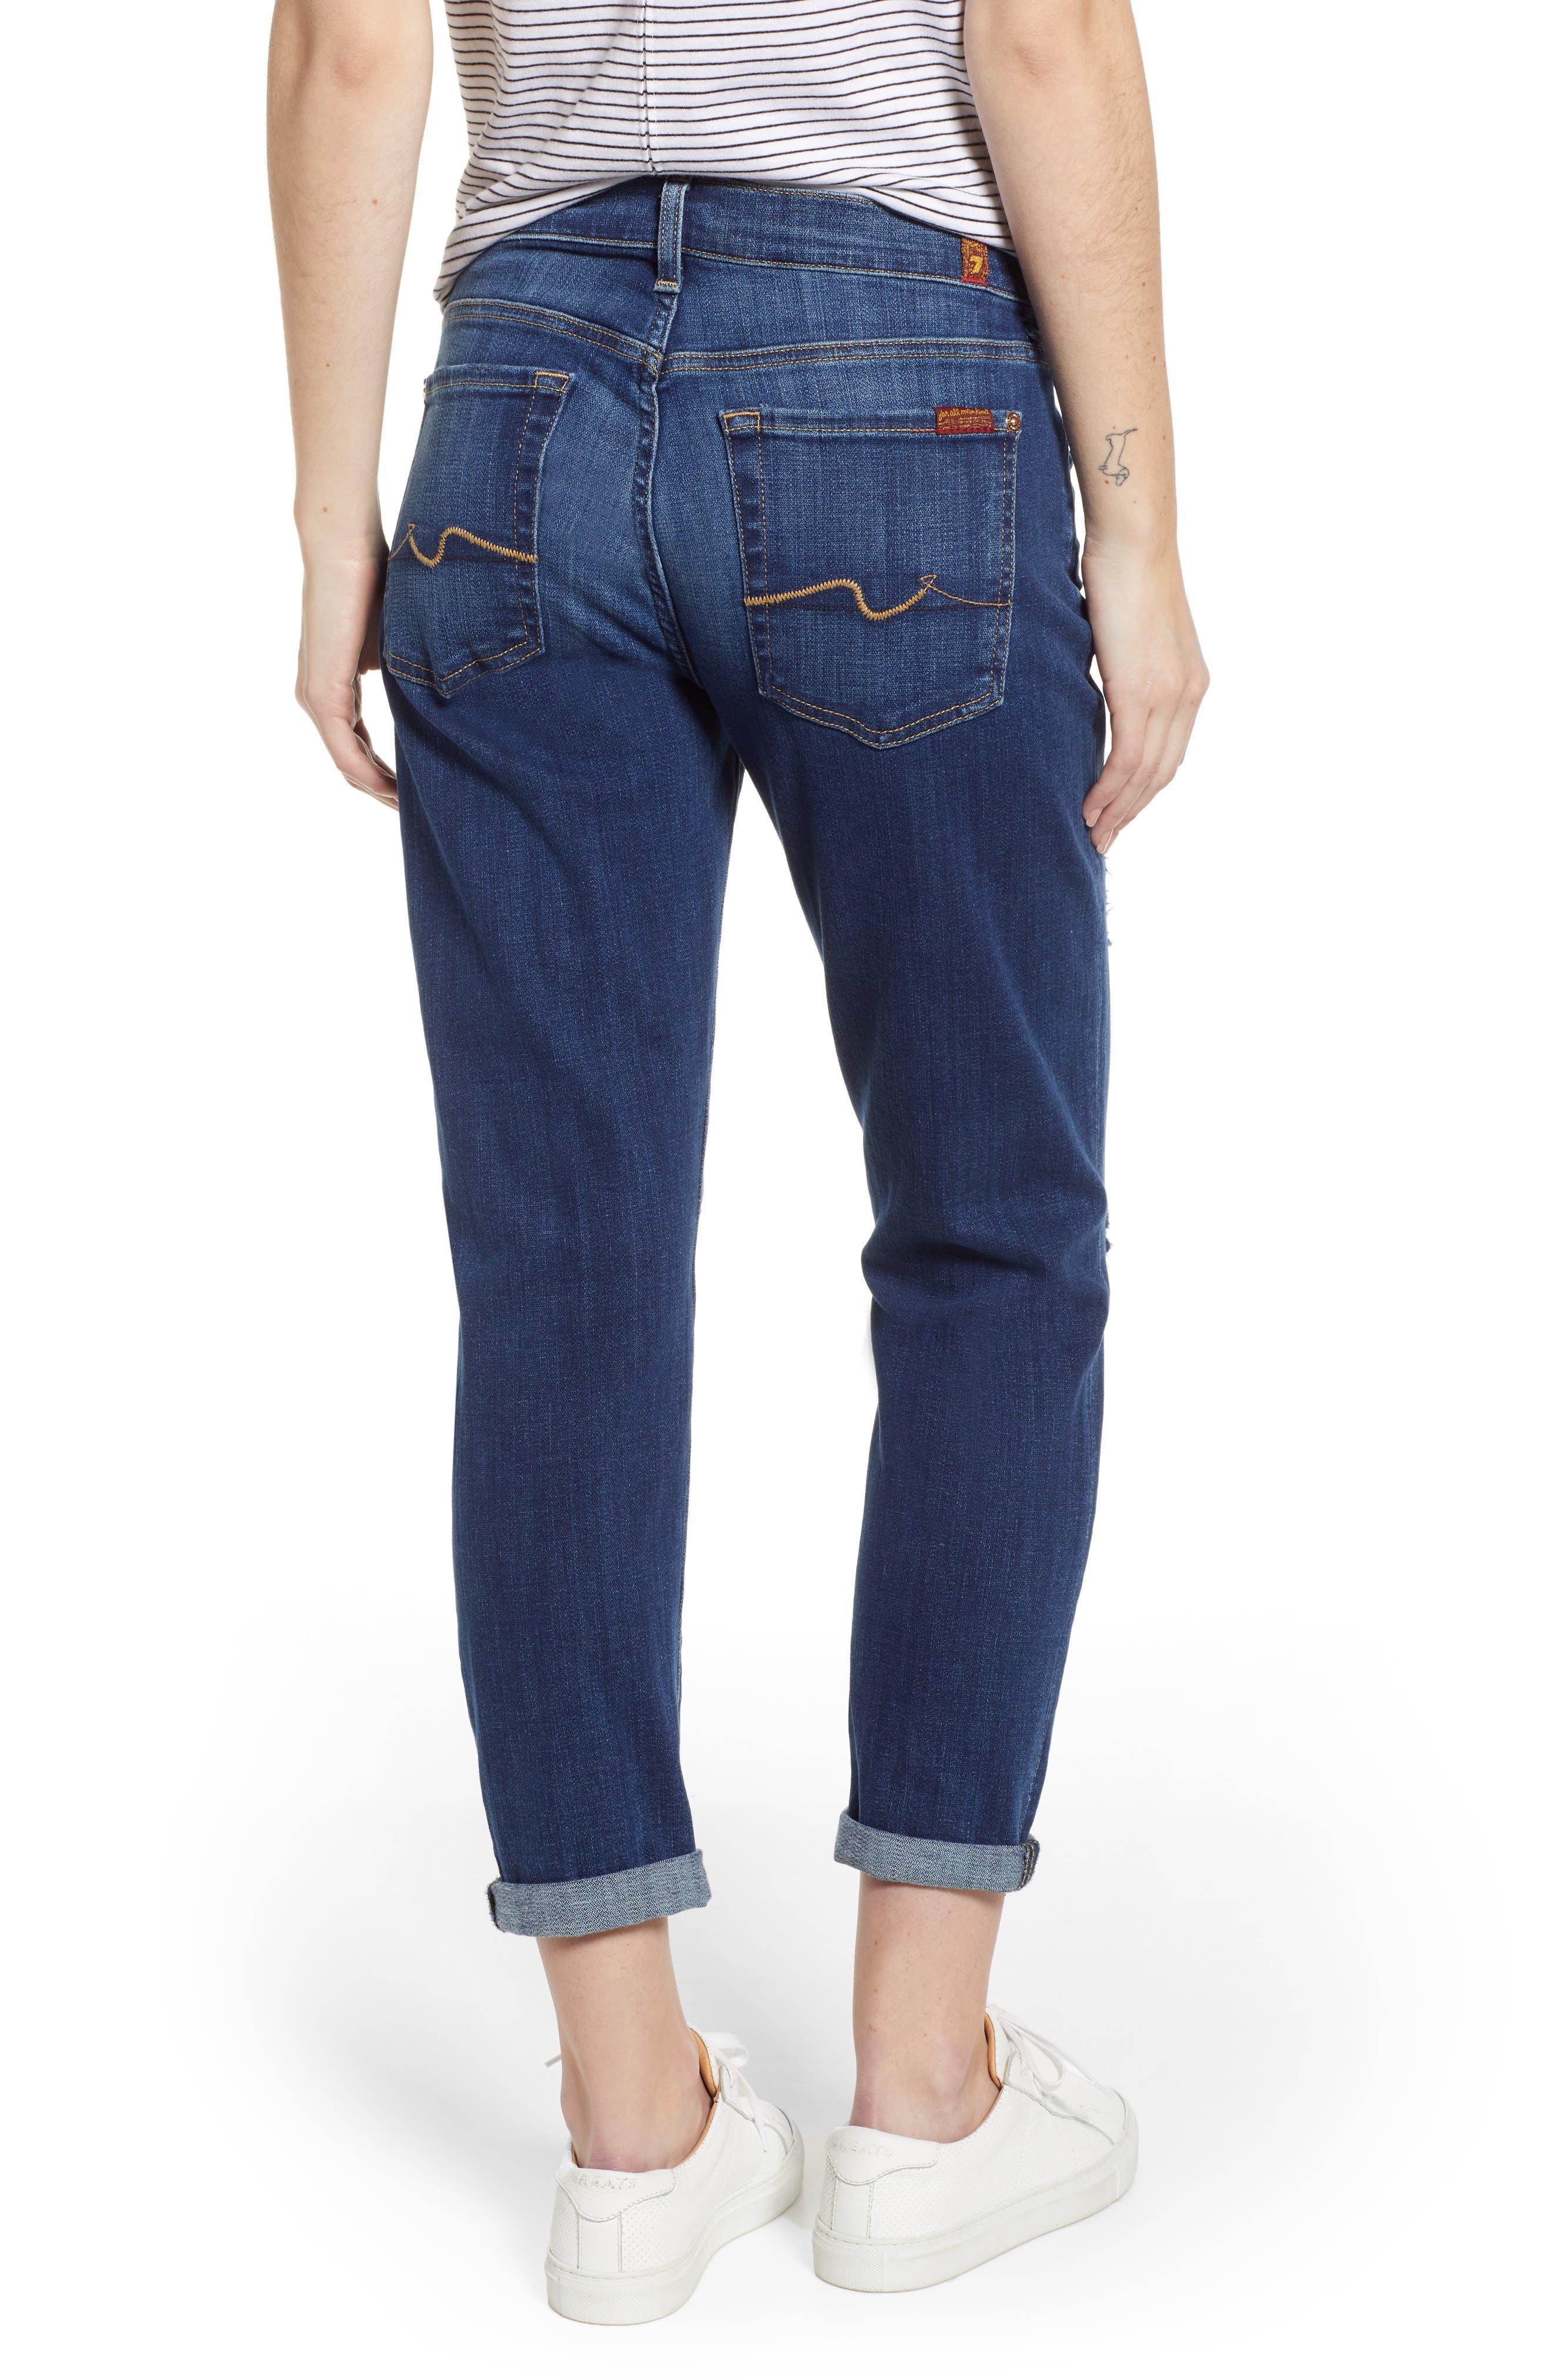 Josefina Boyfriend Jeans,                             Alternate thumbnail 2, color,                             BROKEN TWILL VANITY W/ DESTROY